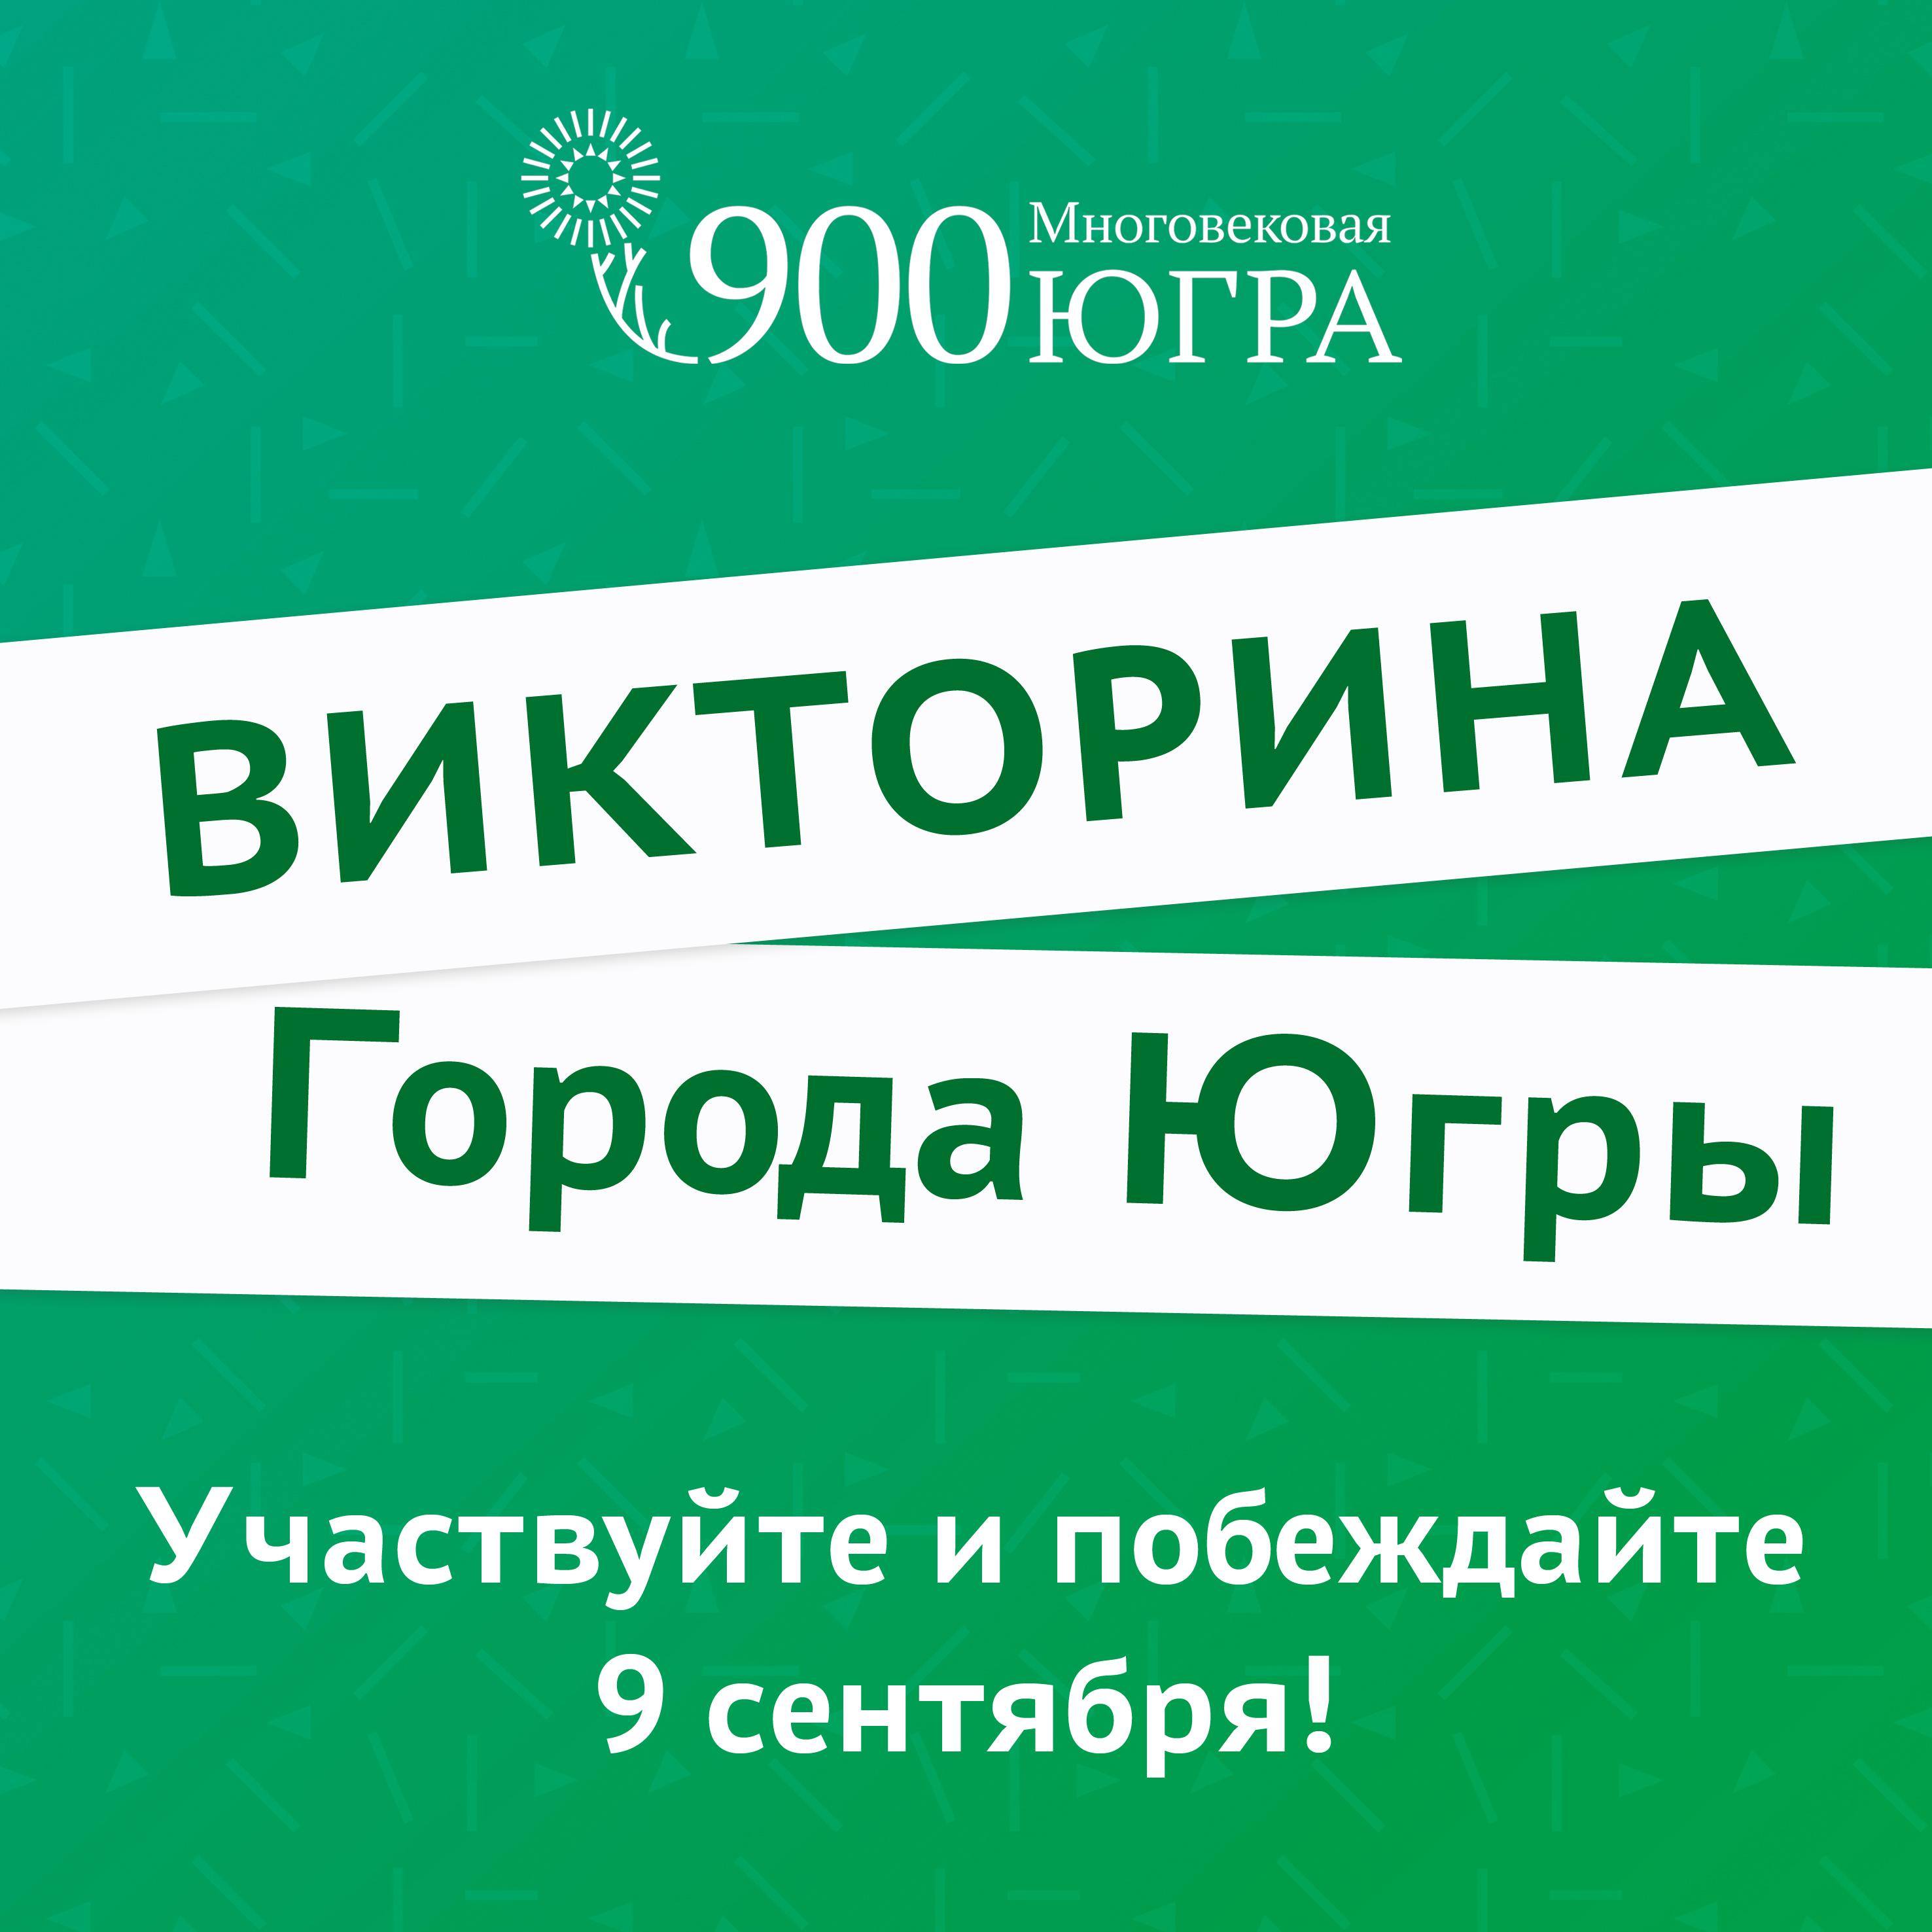 Югре 900